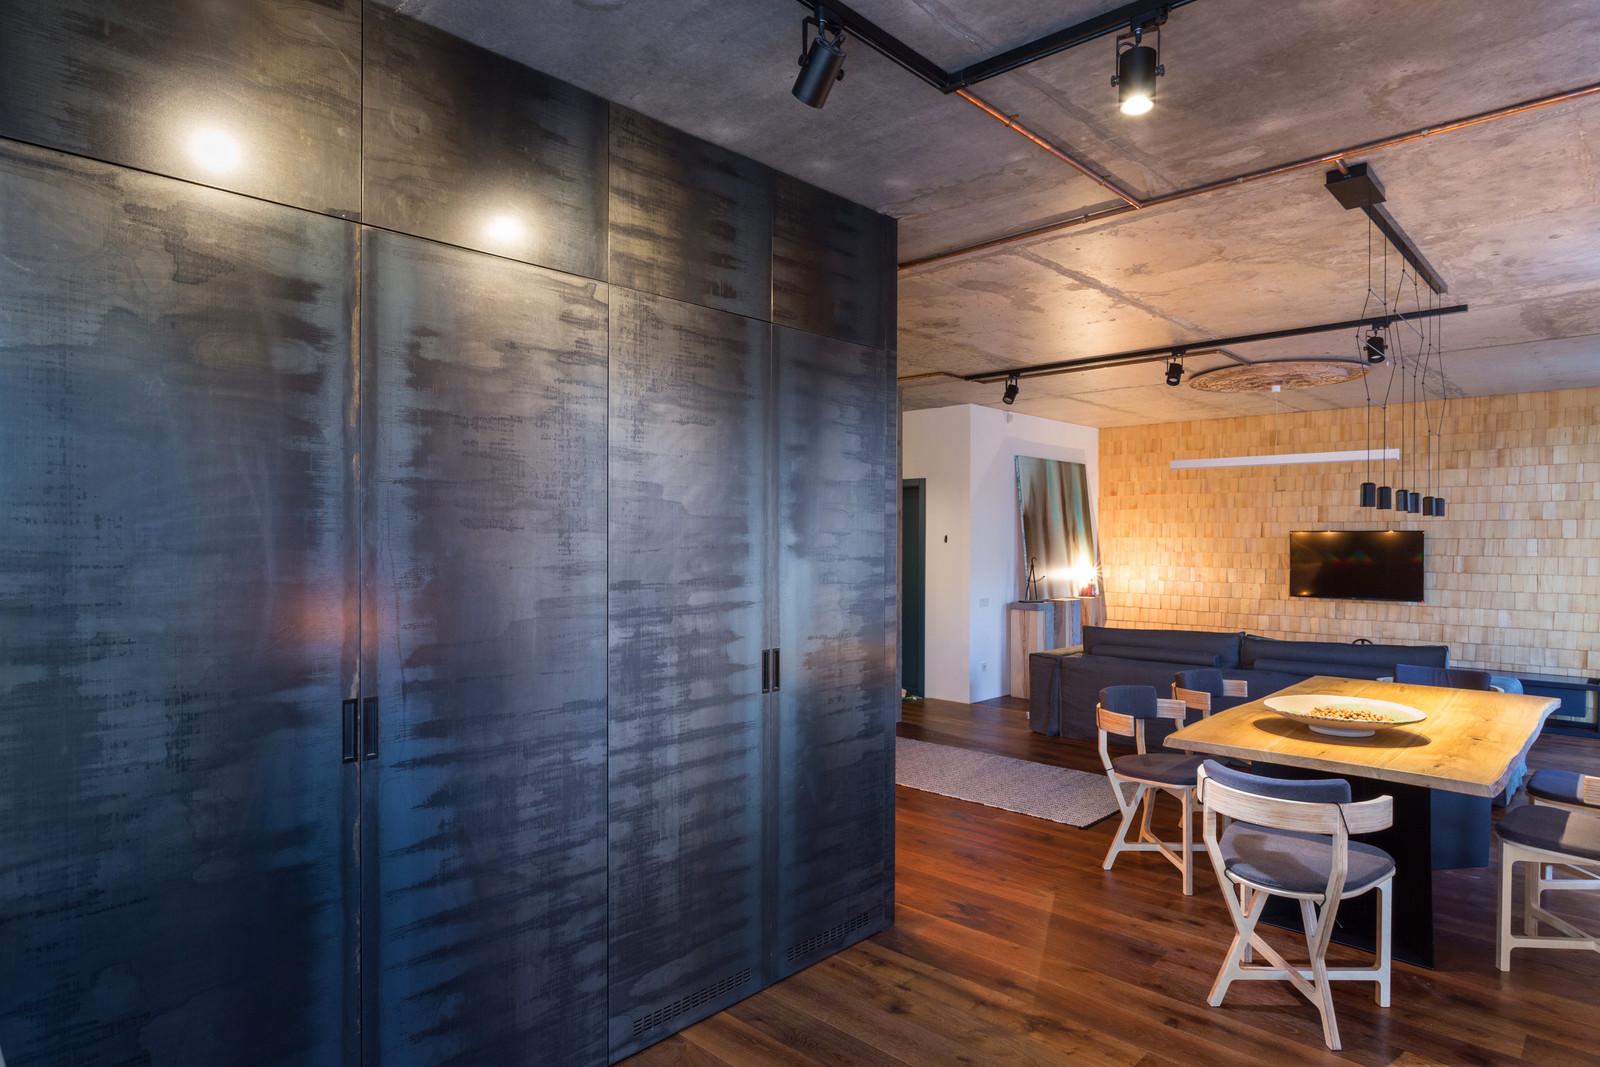 Apartment-design-just3ds.com-8